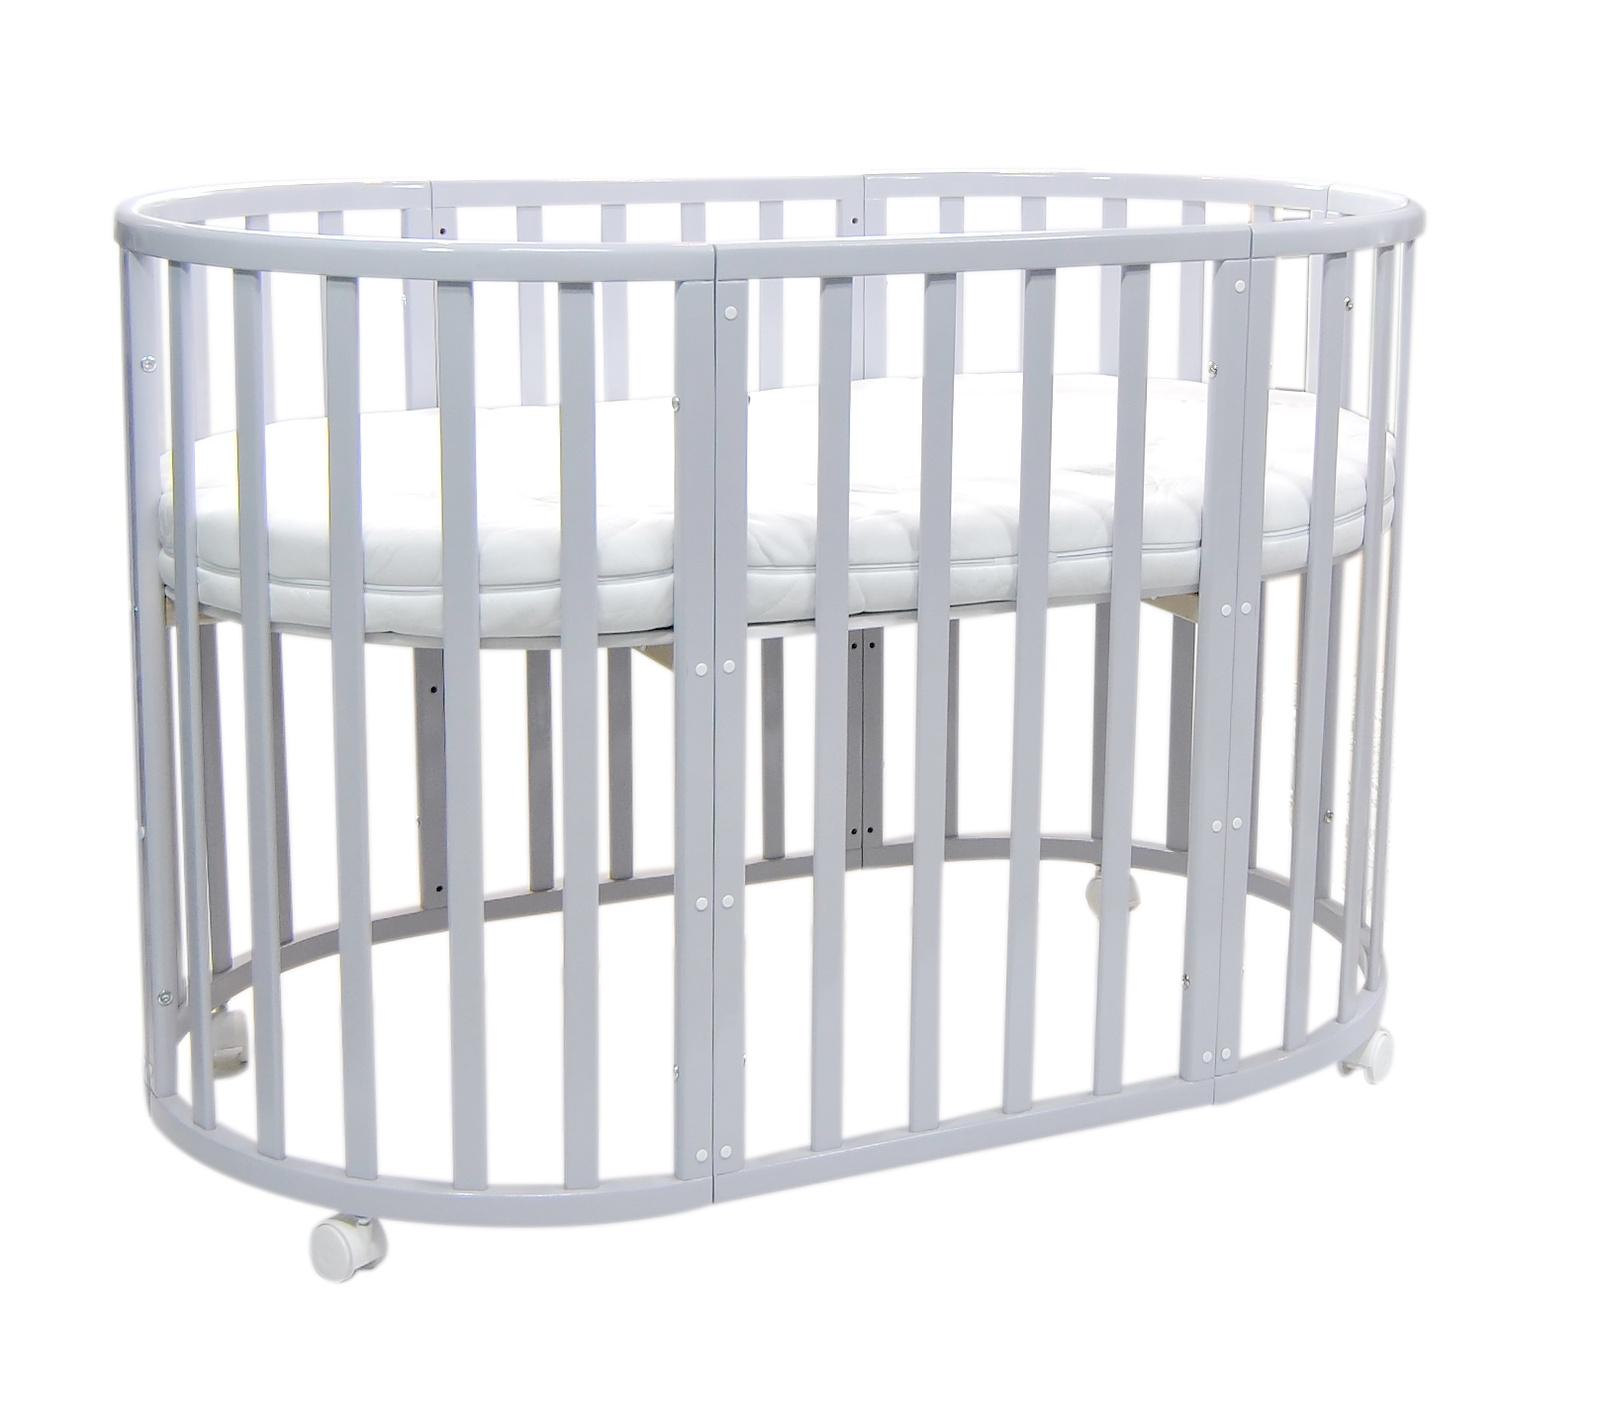 Кроватка детская Everflo Allure Gray ES-008, ПП100004142